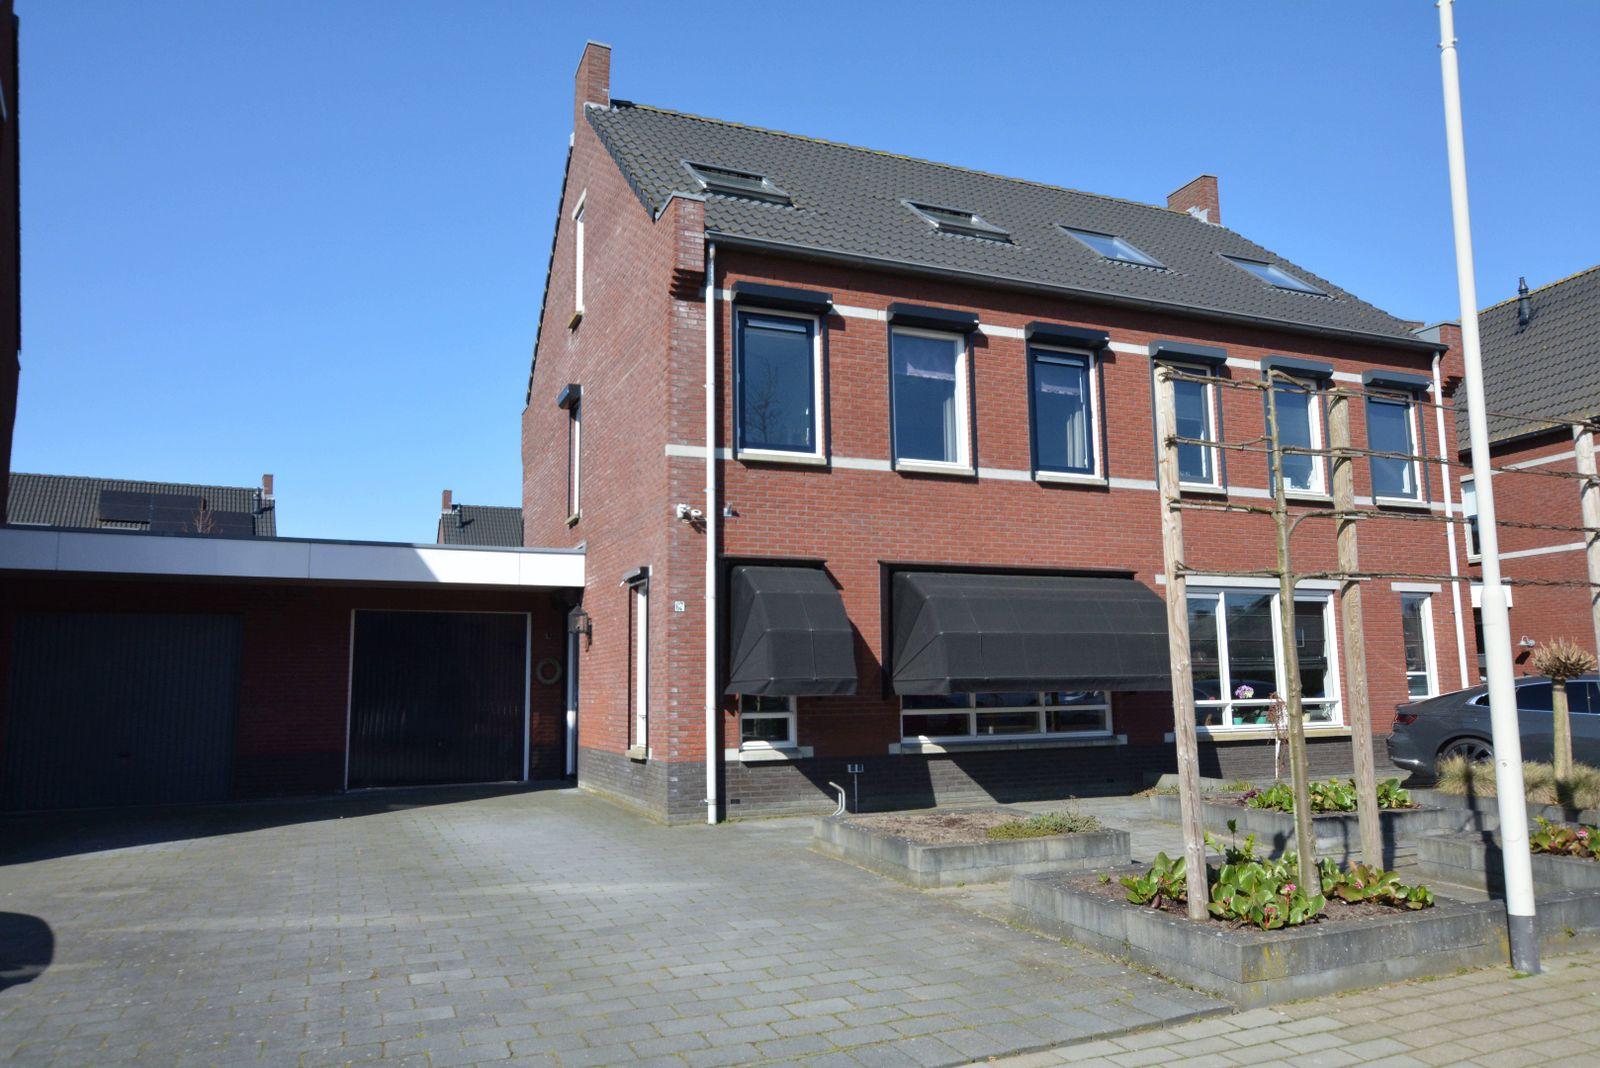 in d' Hoef 67, Hoogerheide